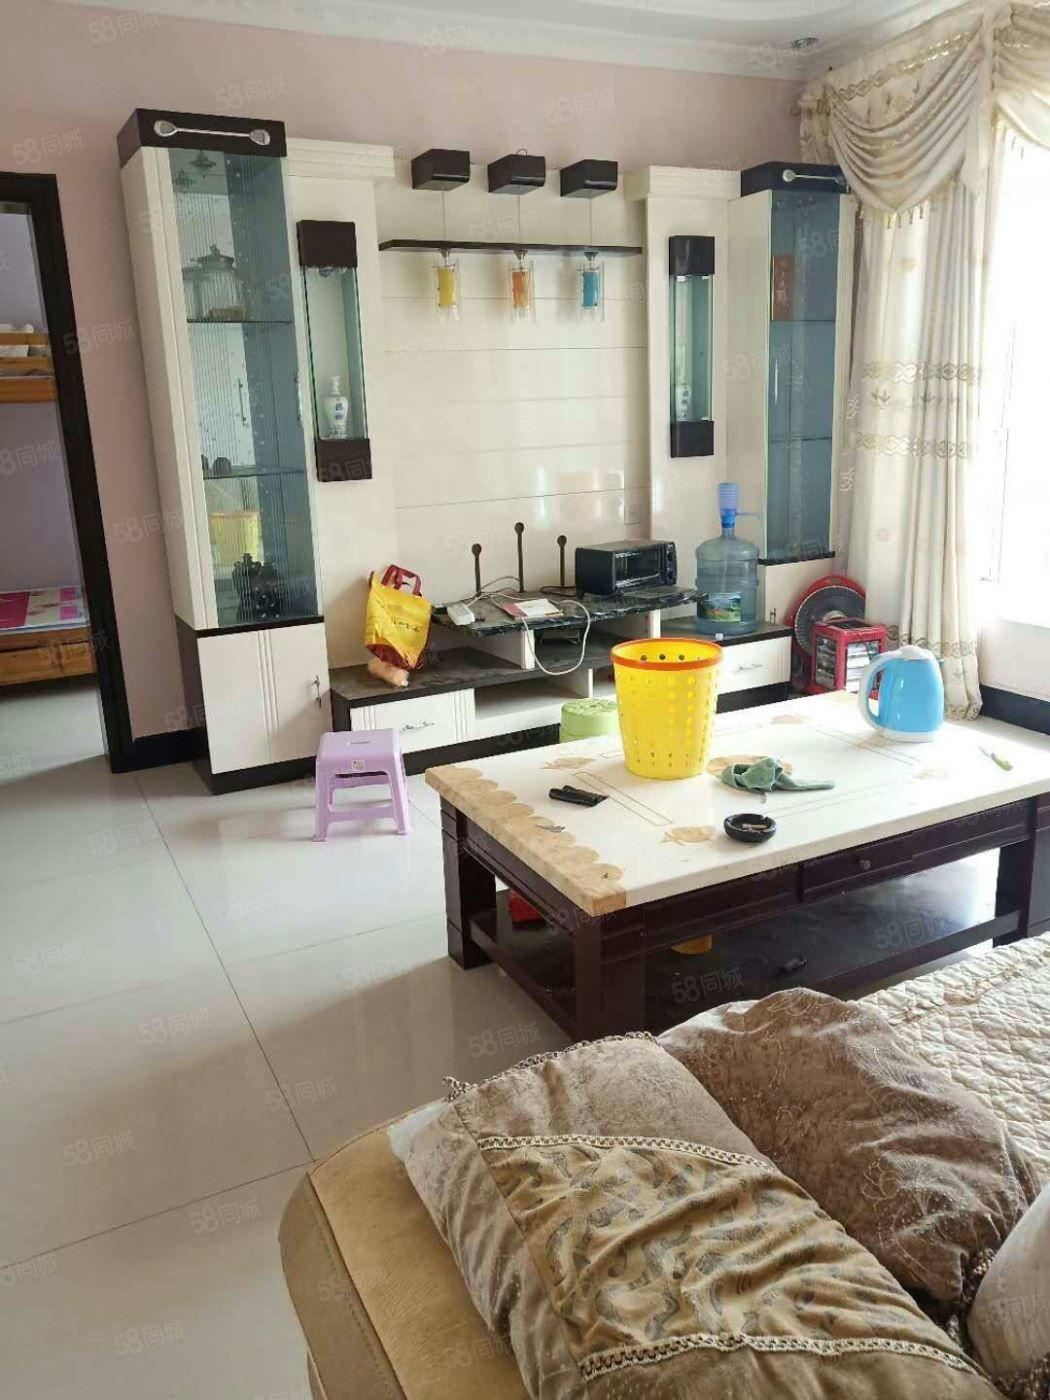 金三园1200元3室2厅2卫干净整洁,随时入住